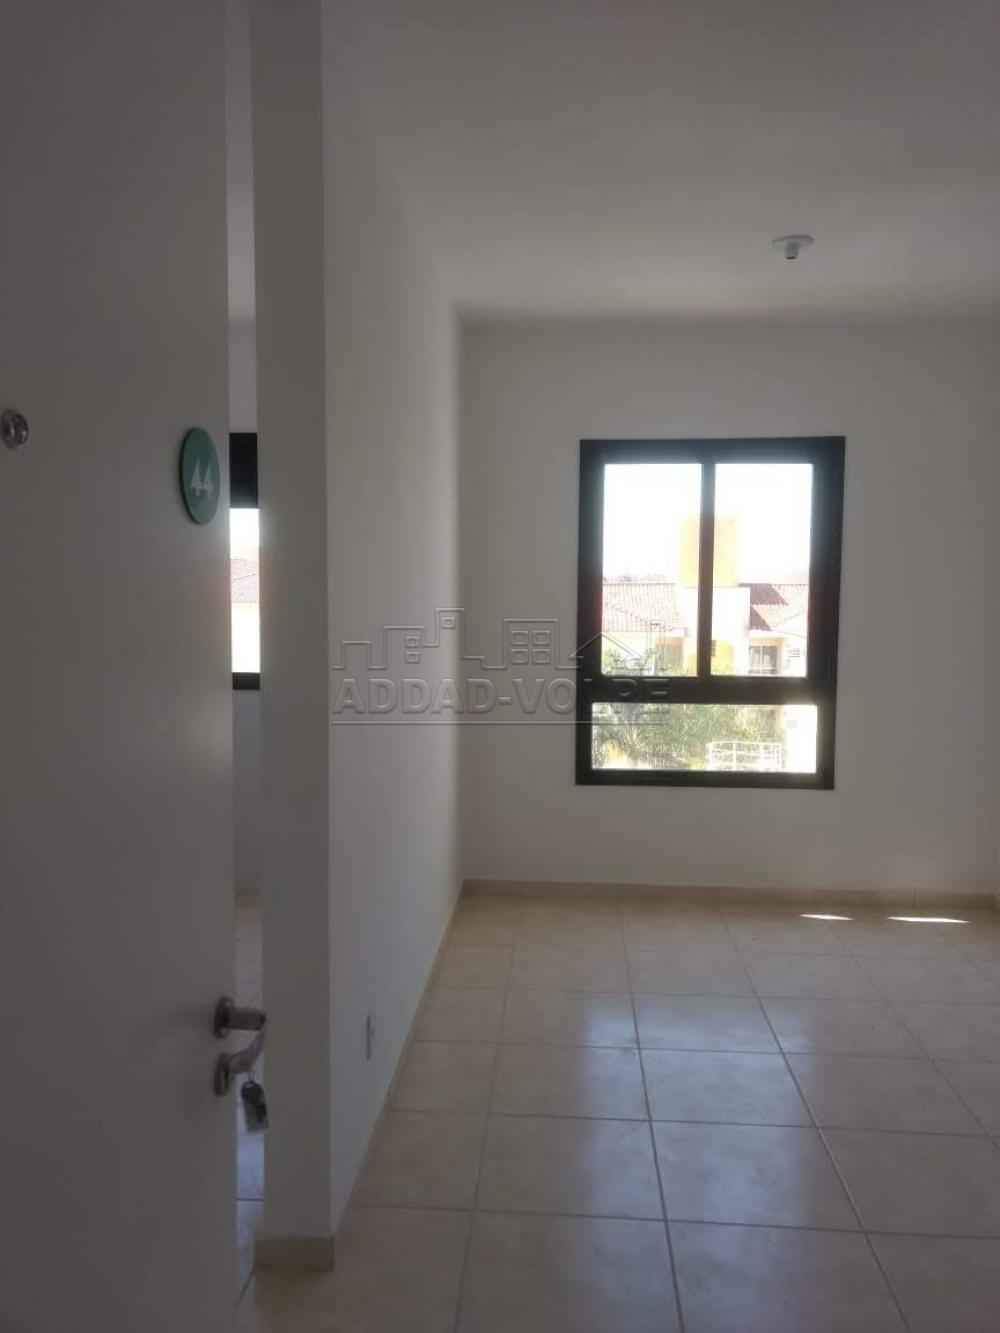 Comprar Apartamento / Padrão em Bauru R$ 180.000,00 - Foto 2